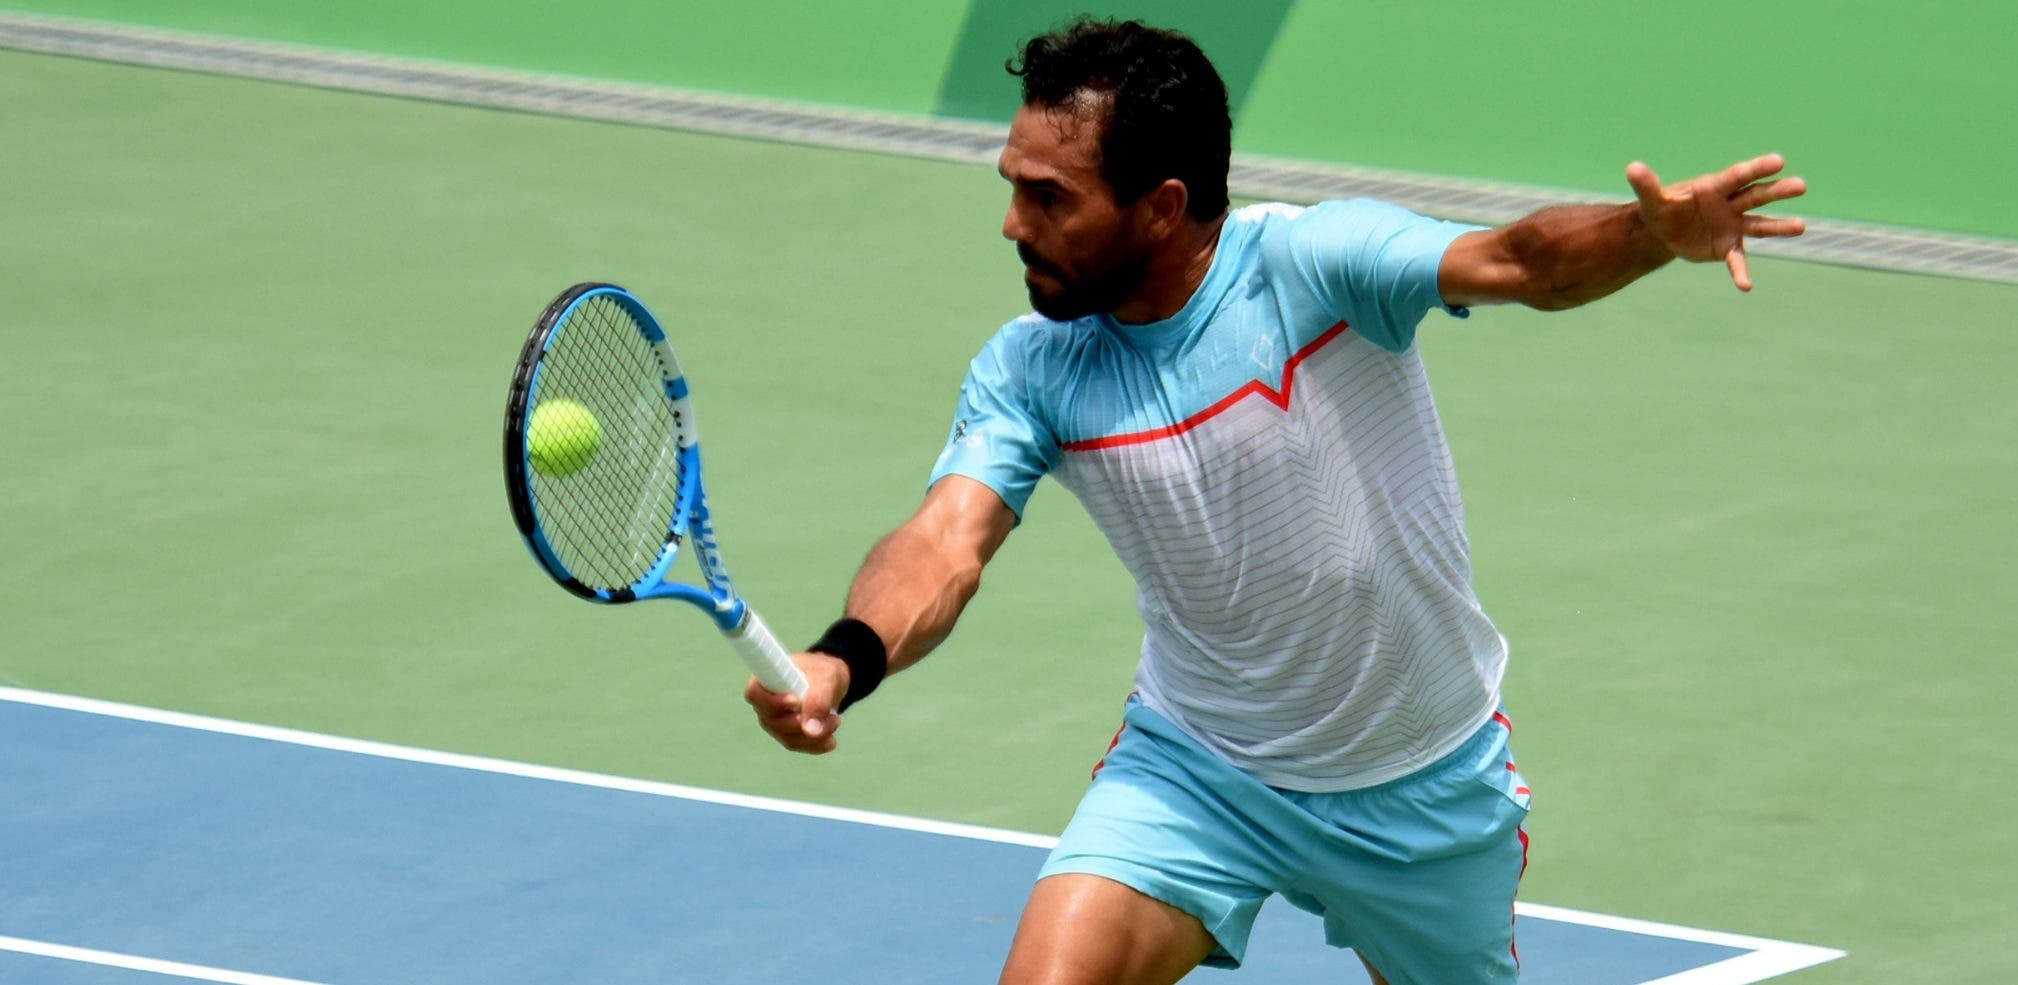 Víctor Estrella,   triple monarca centroamericano de tenis de campo, ejecuta una devolución en el choque ante su compatriota Roberto Cid. Alberto calvo